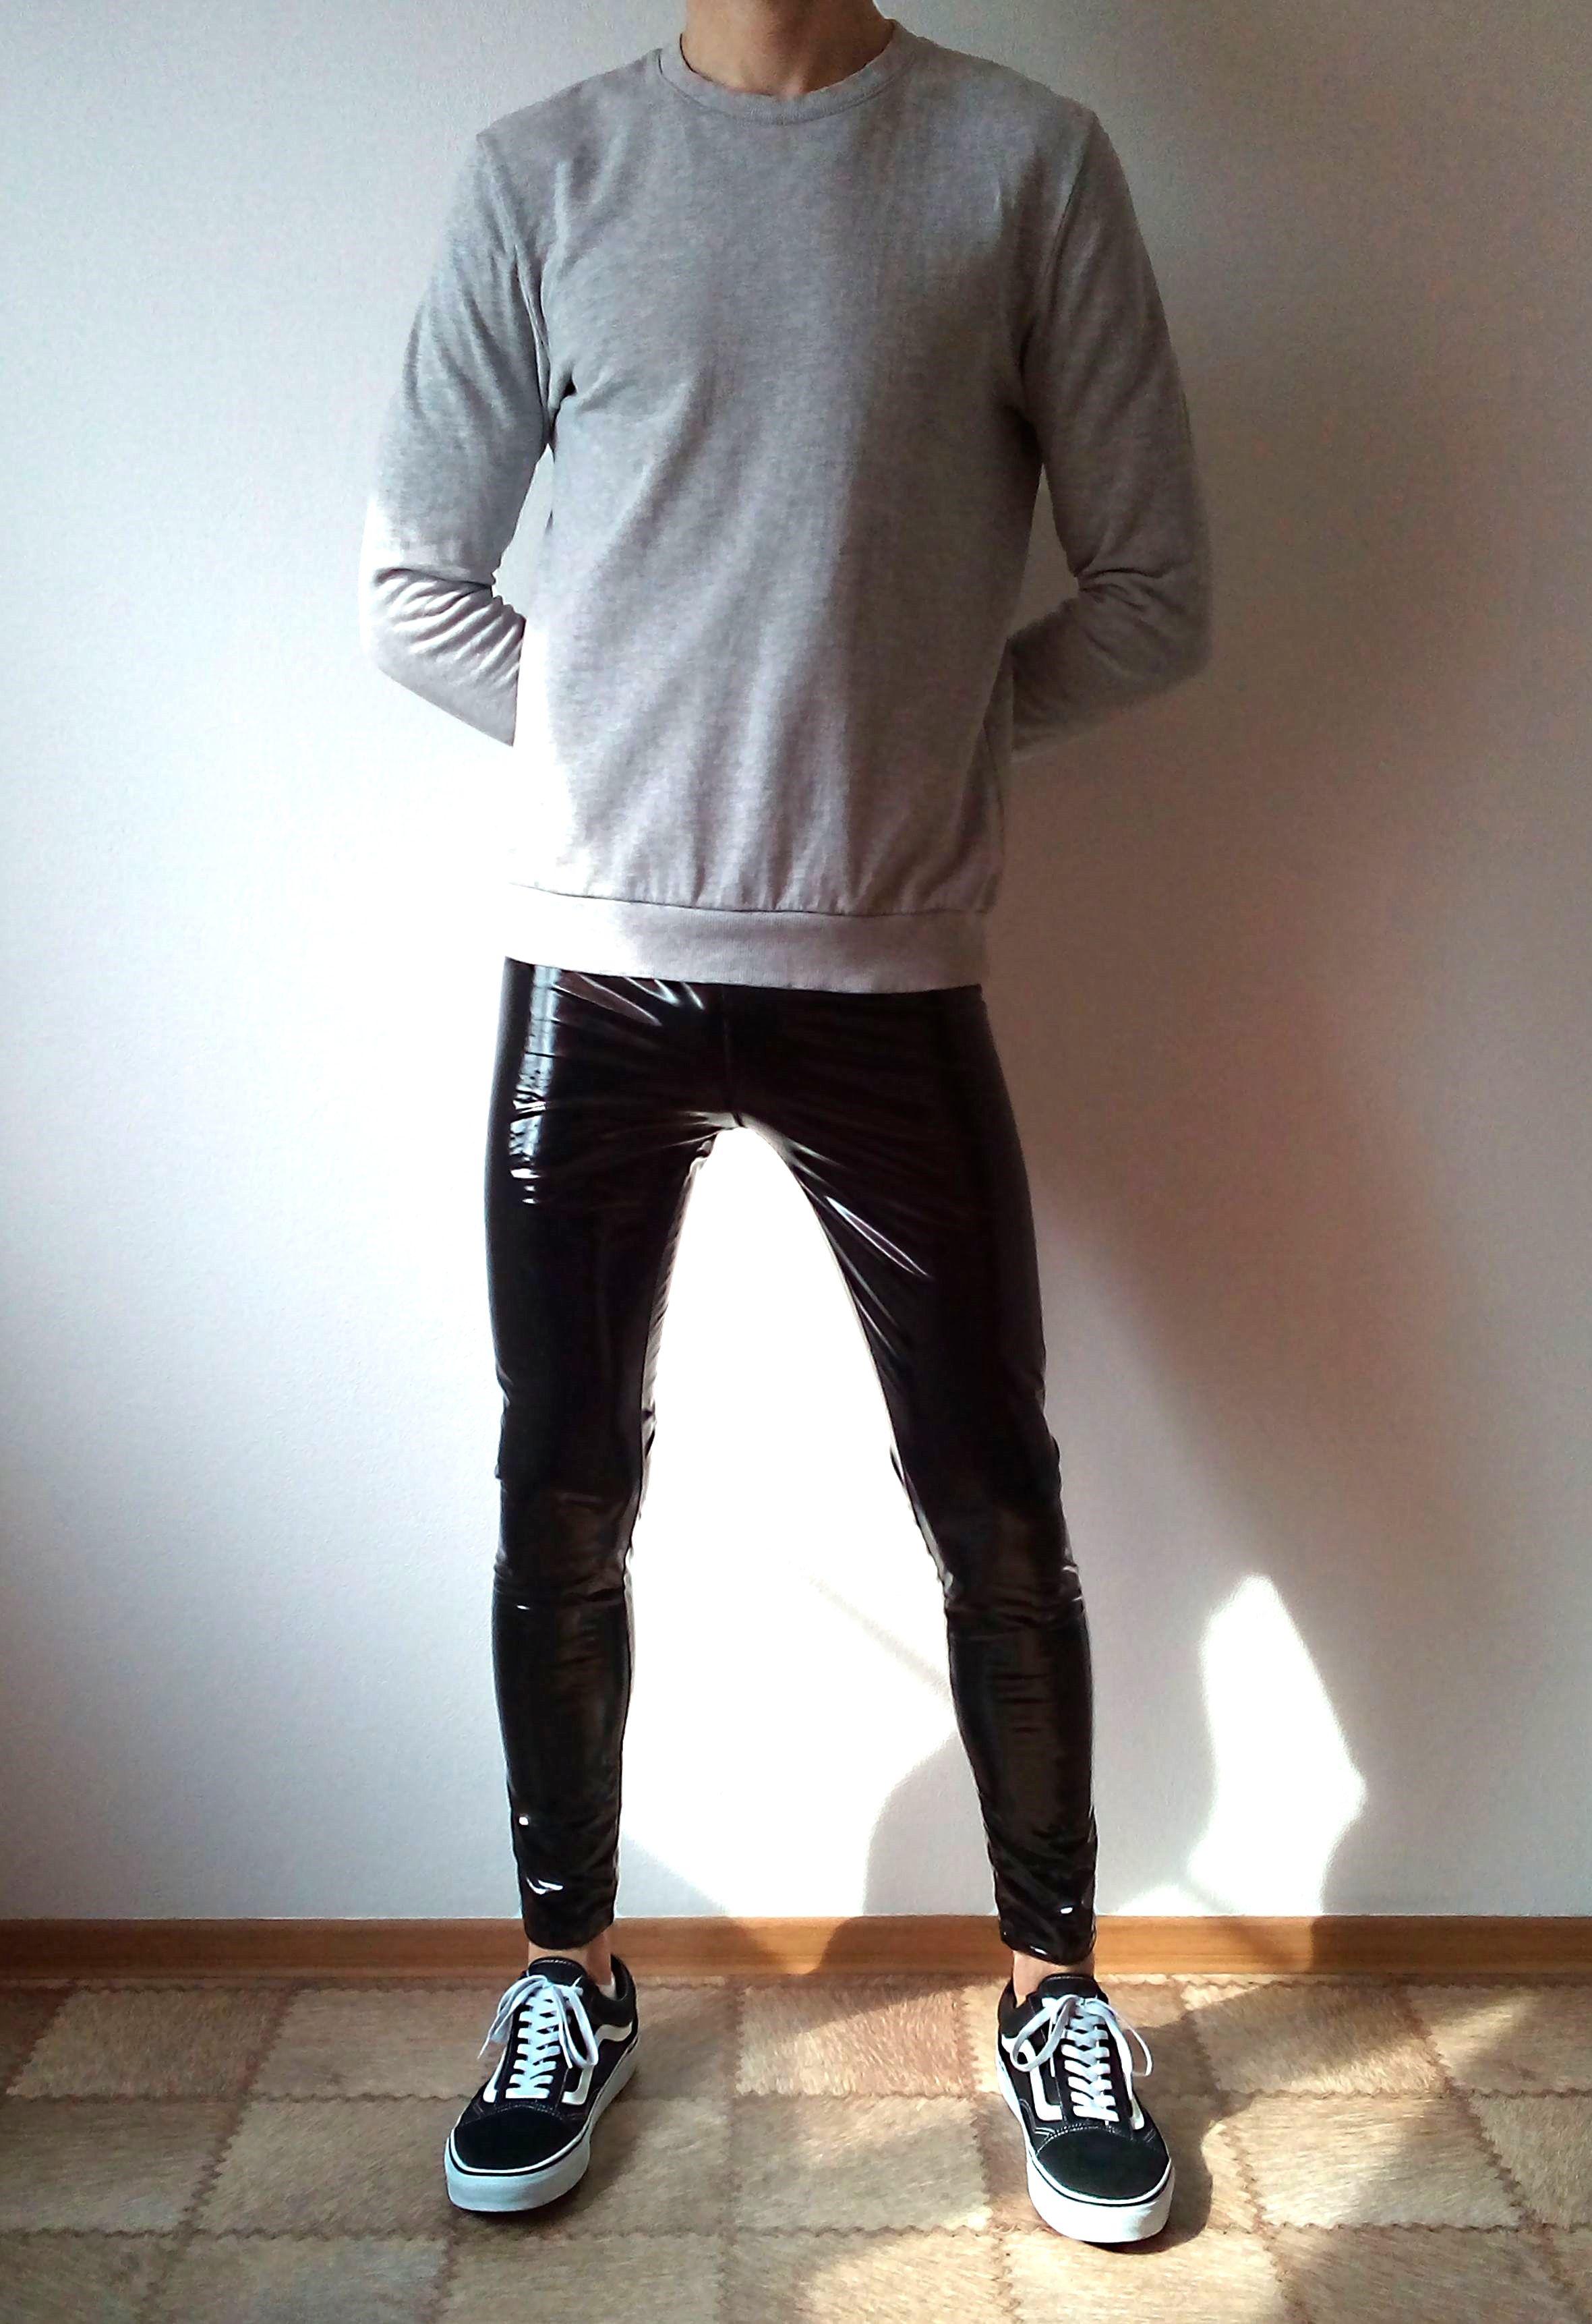 vans old skool black rock outfit | boys guys in leather